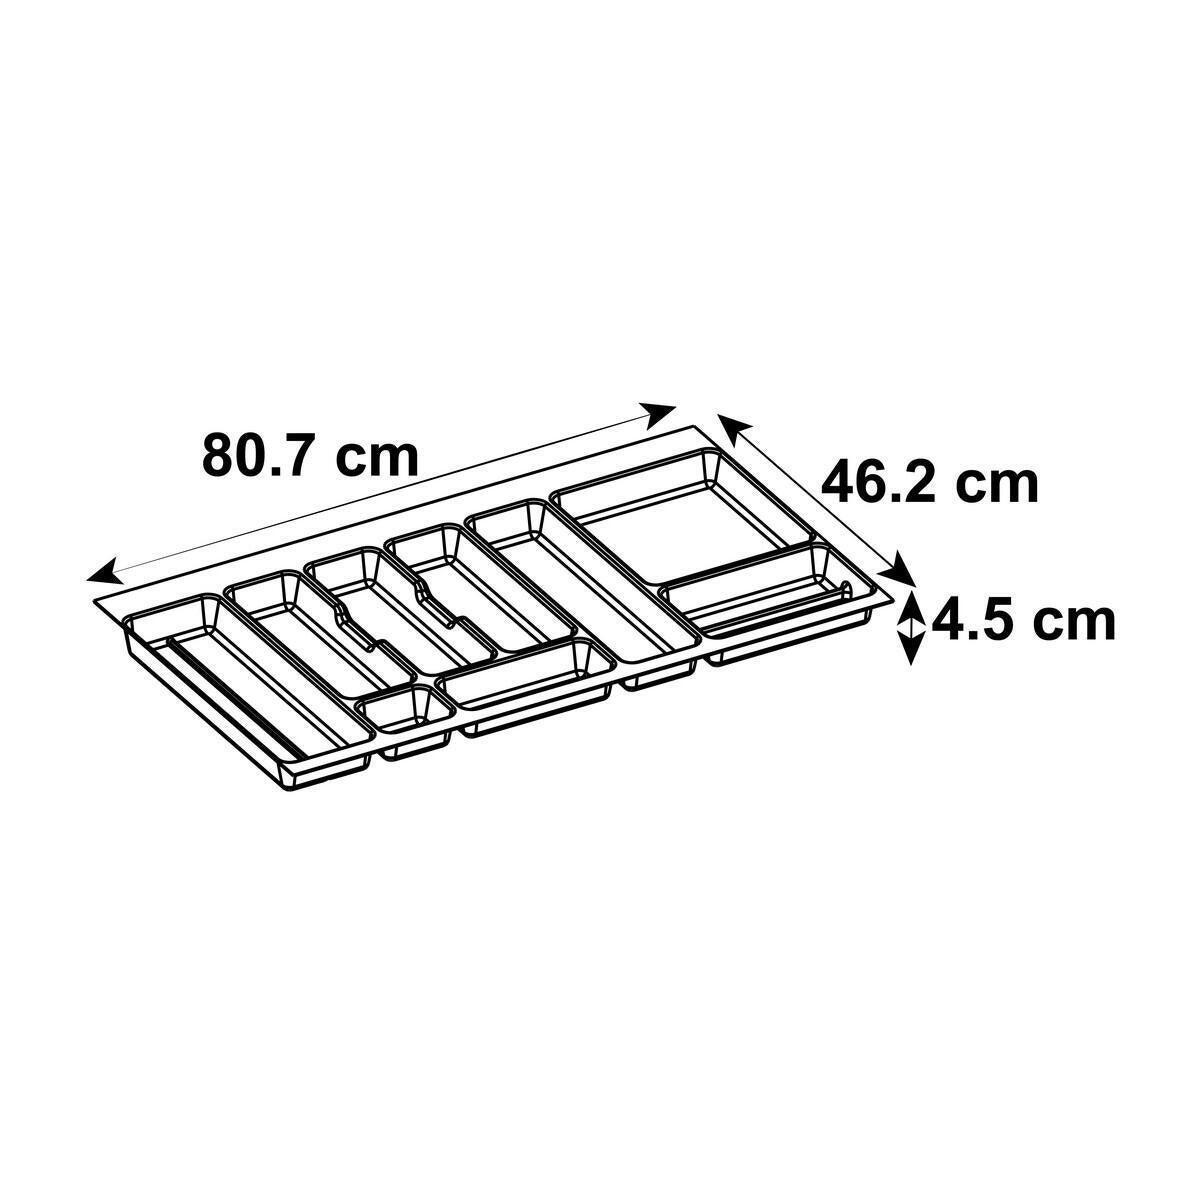 Portaposate L 79.8 x P 79.8 x H 79.8 cm grigio - 2